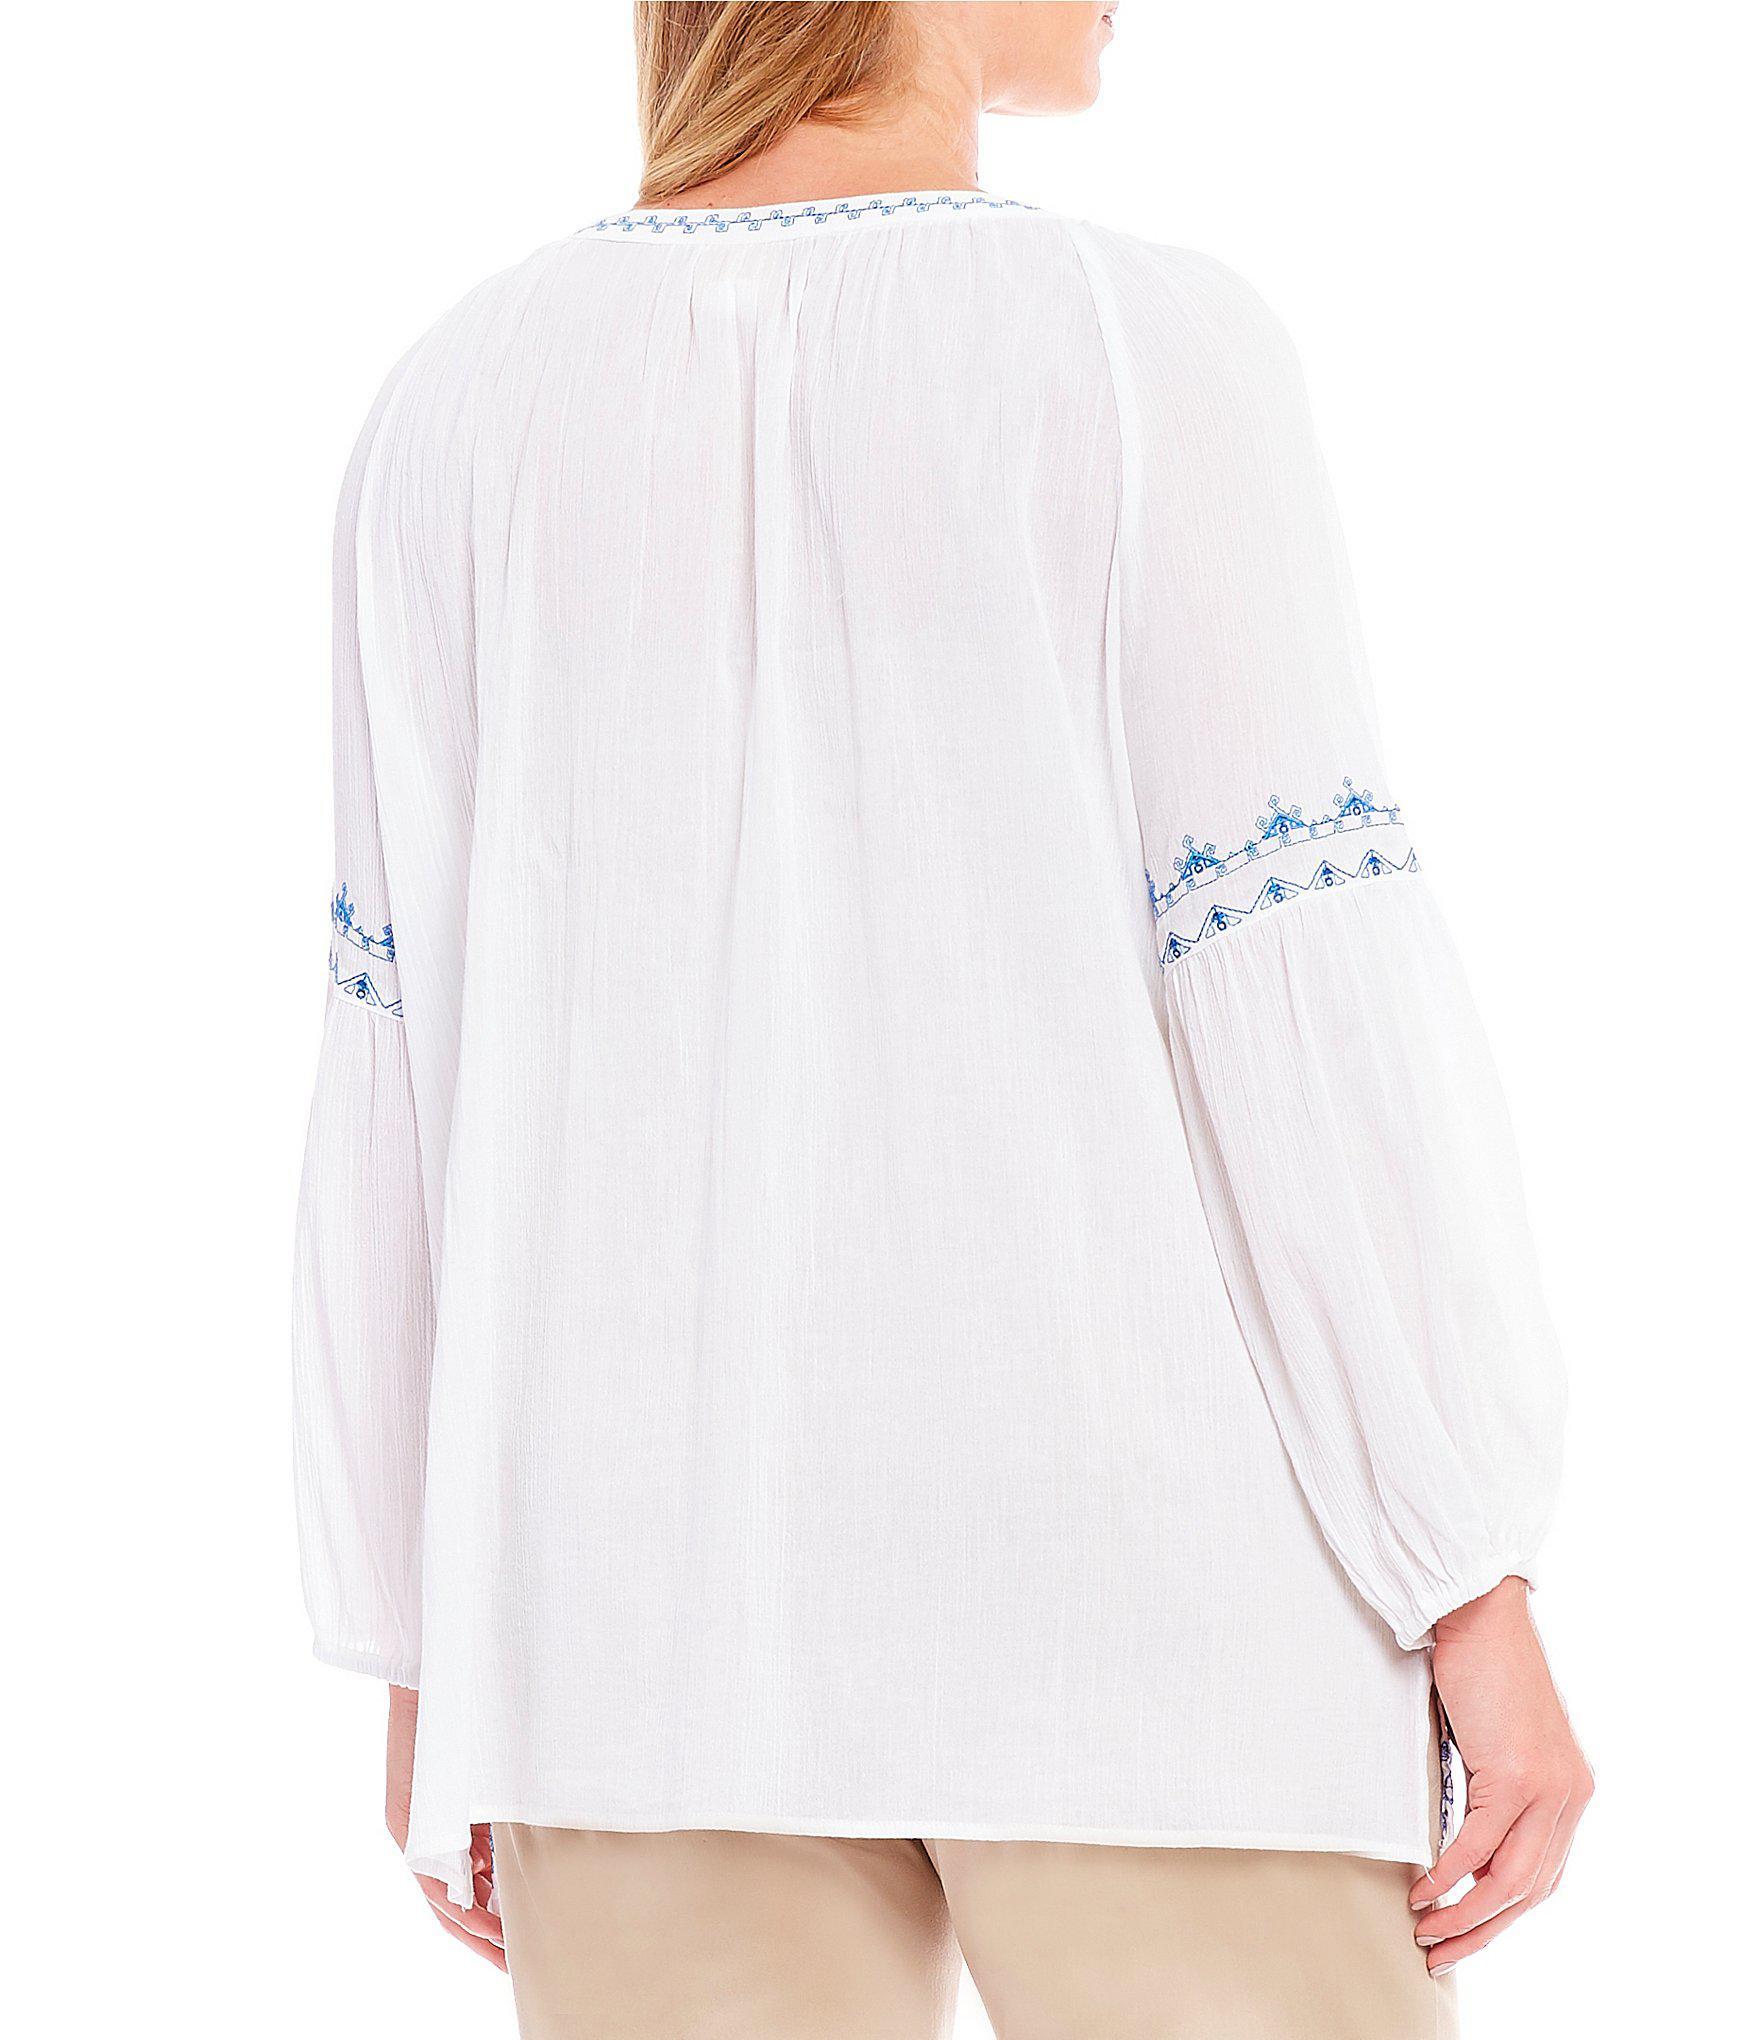 ac31732f300 Cotton gauze clothing plus size